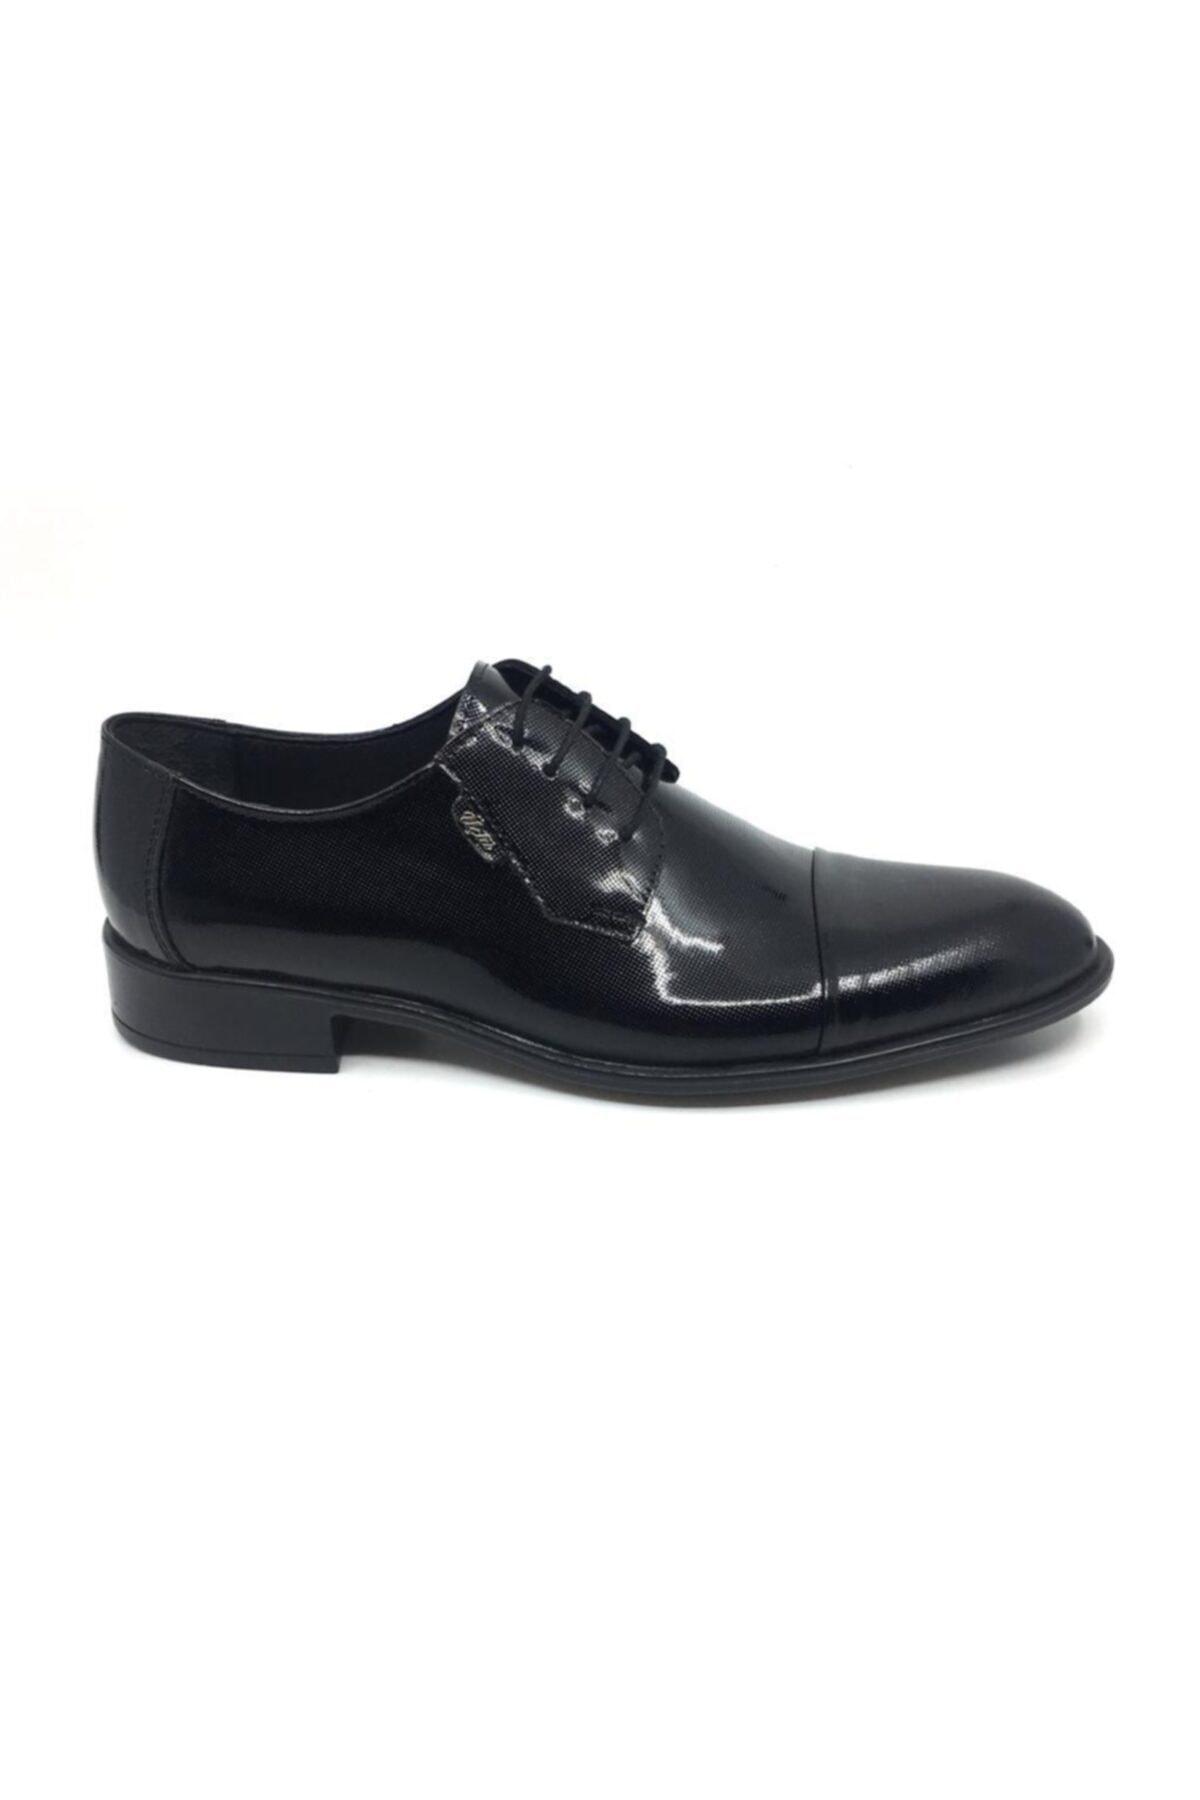 Taşpınar Erkek Siyah Üçlü Deri Klasik Yazlık Ayakkabı 2